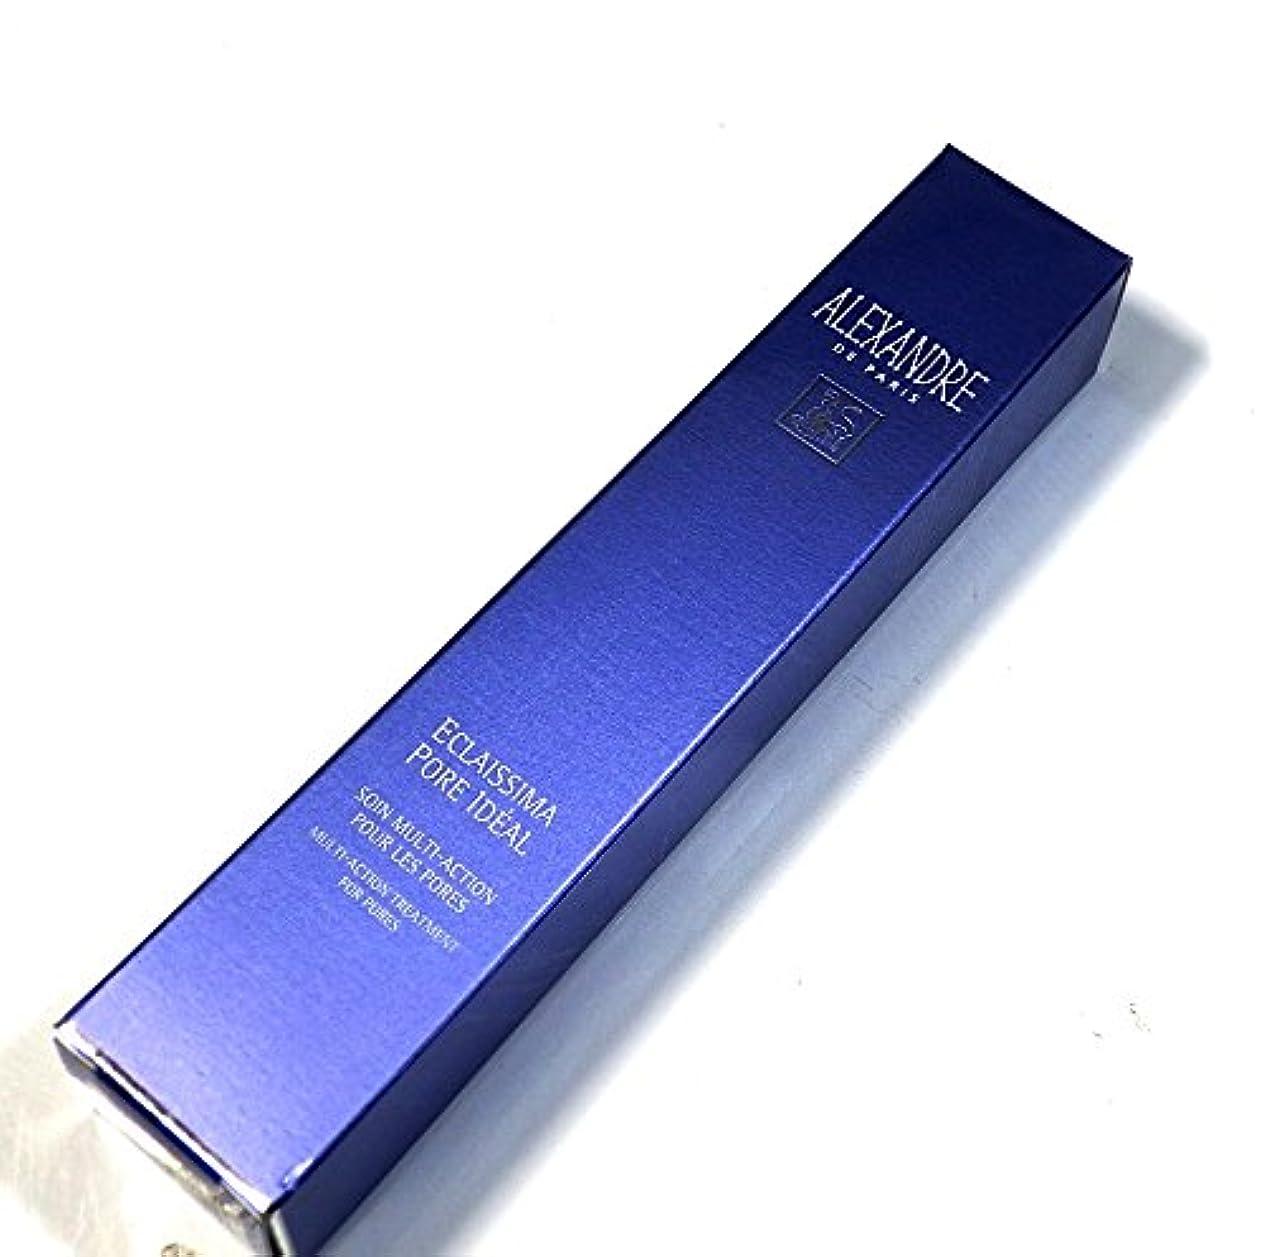 アレクサンドル ドゥ パリ エクラシマ ポア イデアル(毛穴美容液)30mL 新品